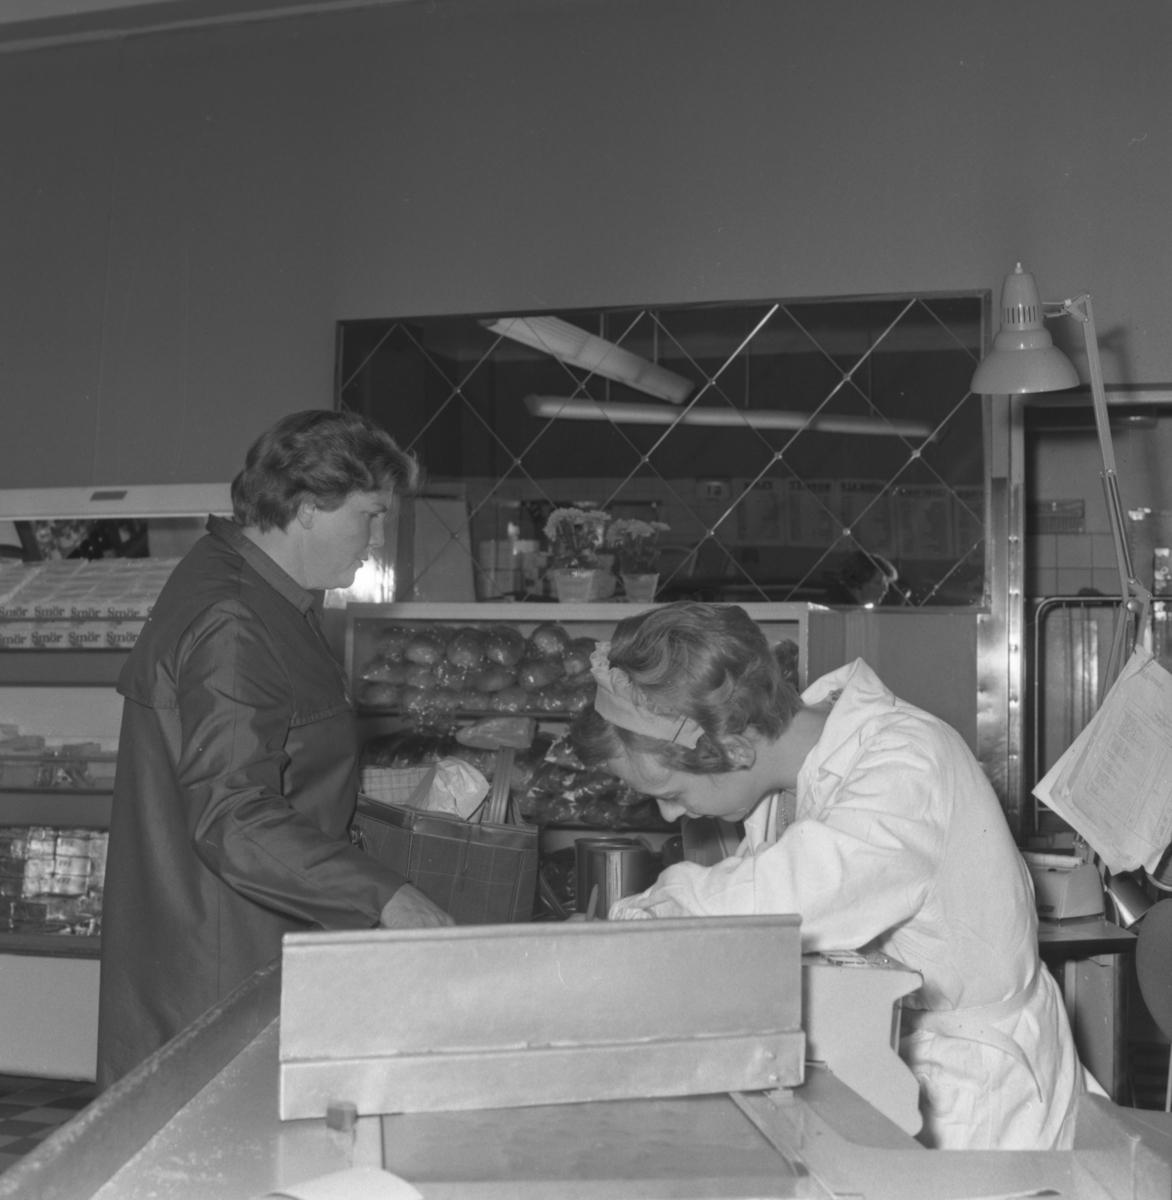 Övrigt: Verksamhet i Proviantboden på Stumholmen